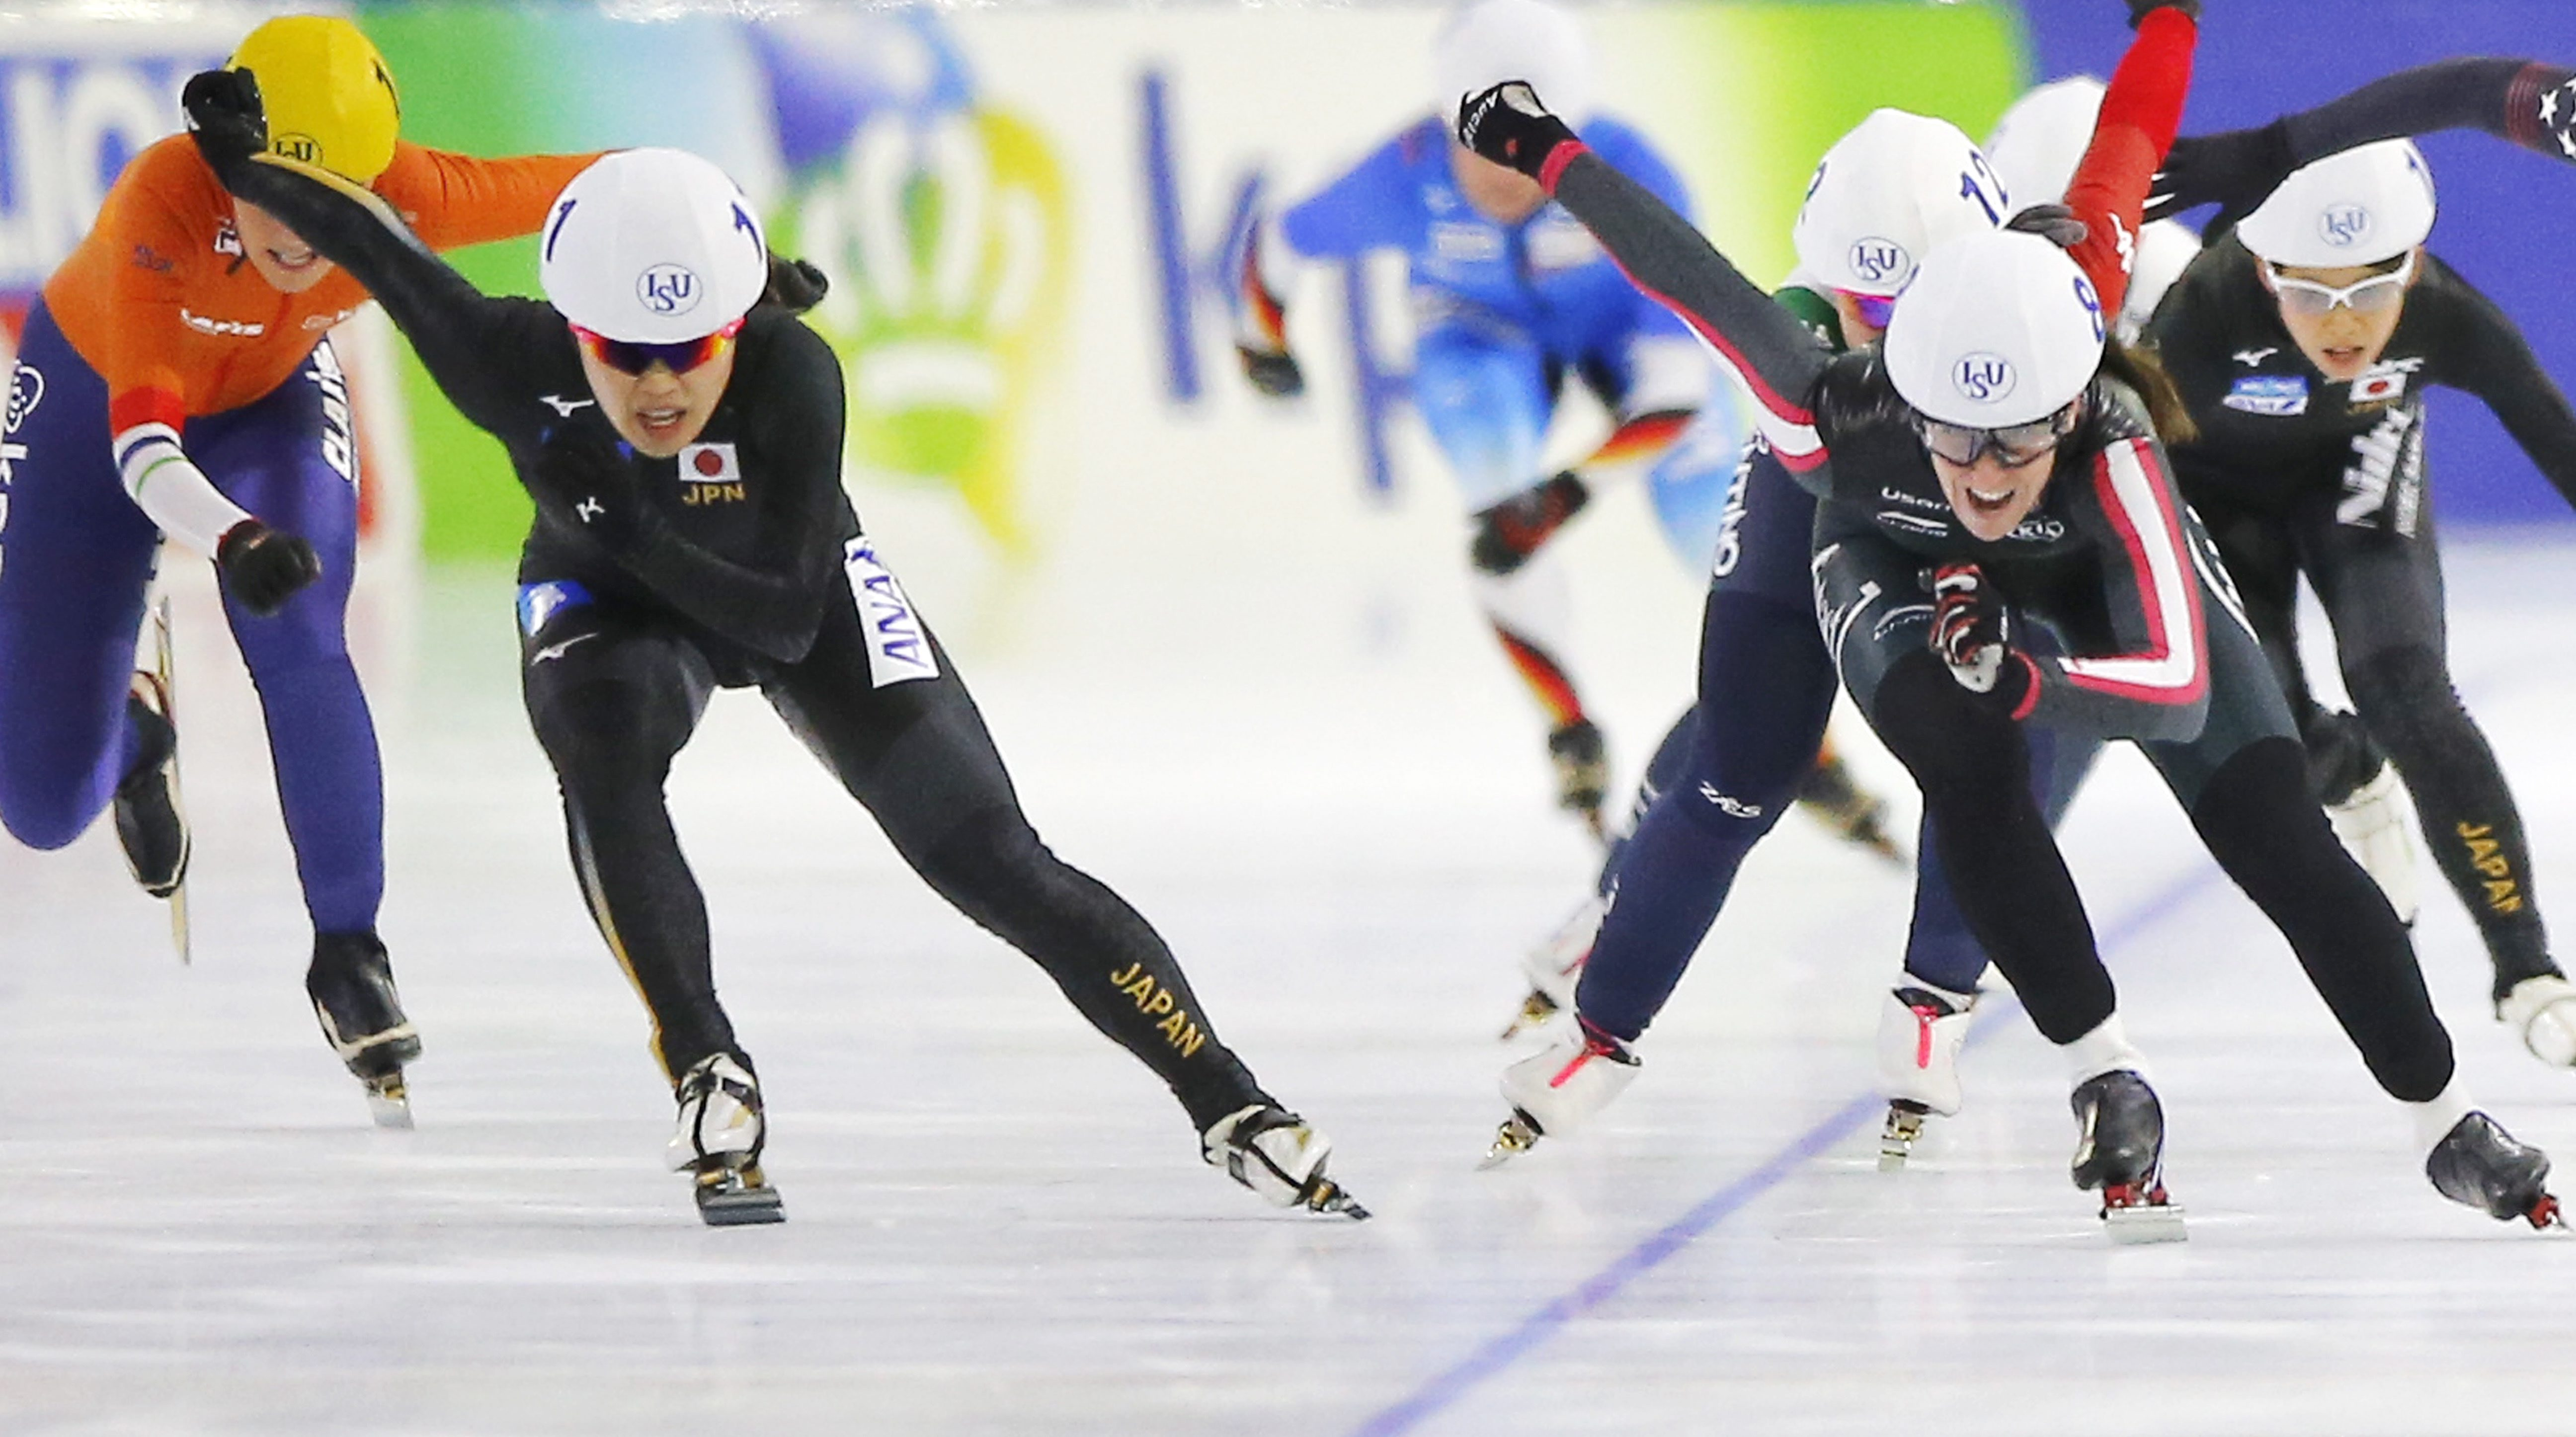 Team Canada - Ivanie Blondin - Mass Start Heerenveen